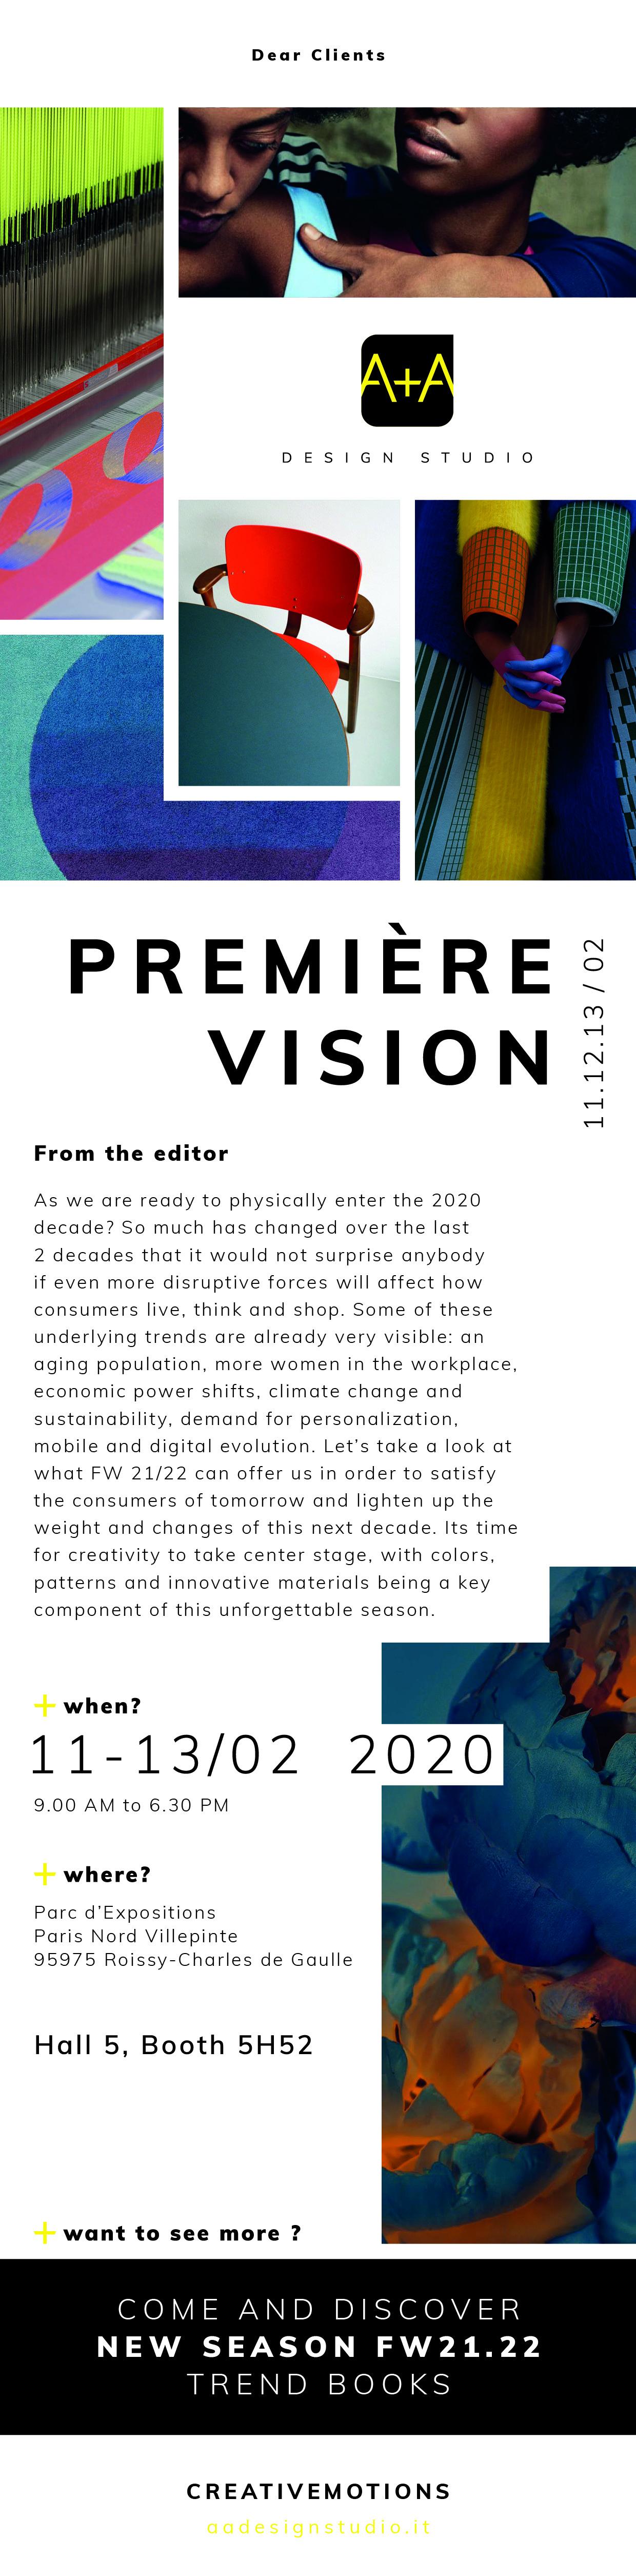 Première Vision FW21.22 - Invito Febbraio2020